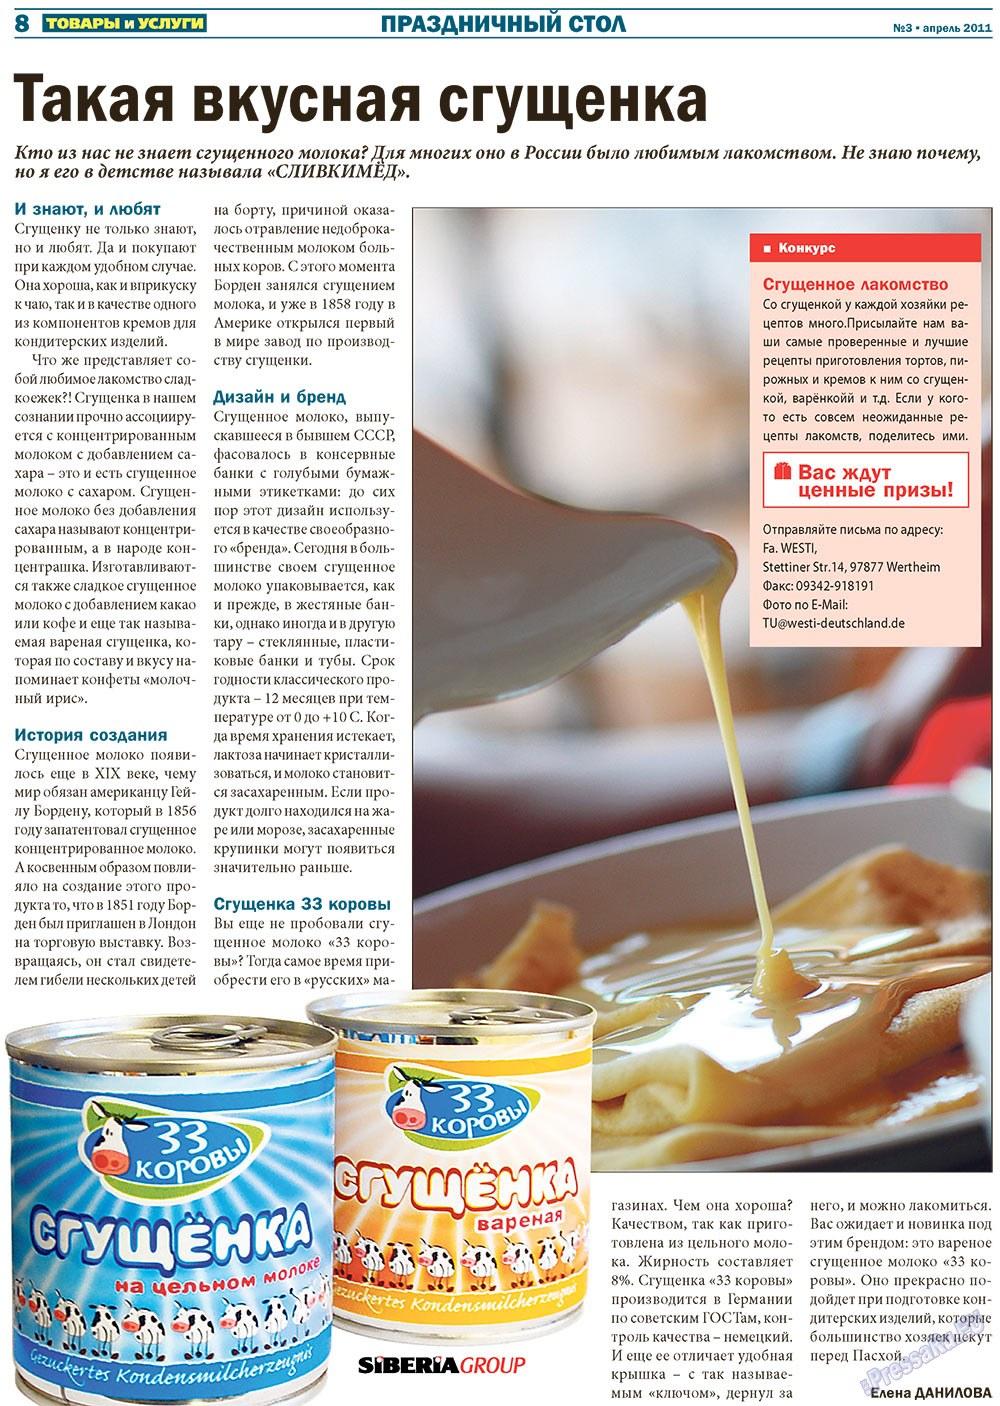 Товары и услуги (газета). 2011 год, номер 3, стр. 8